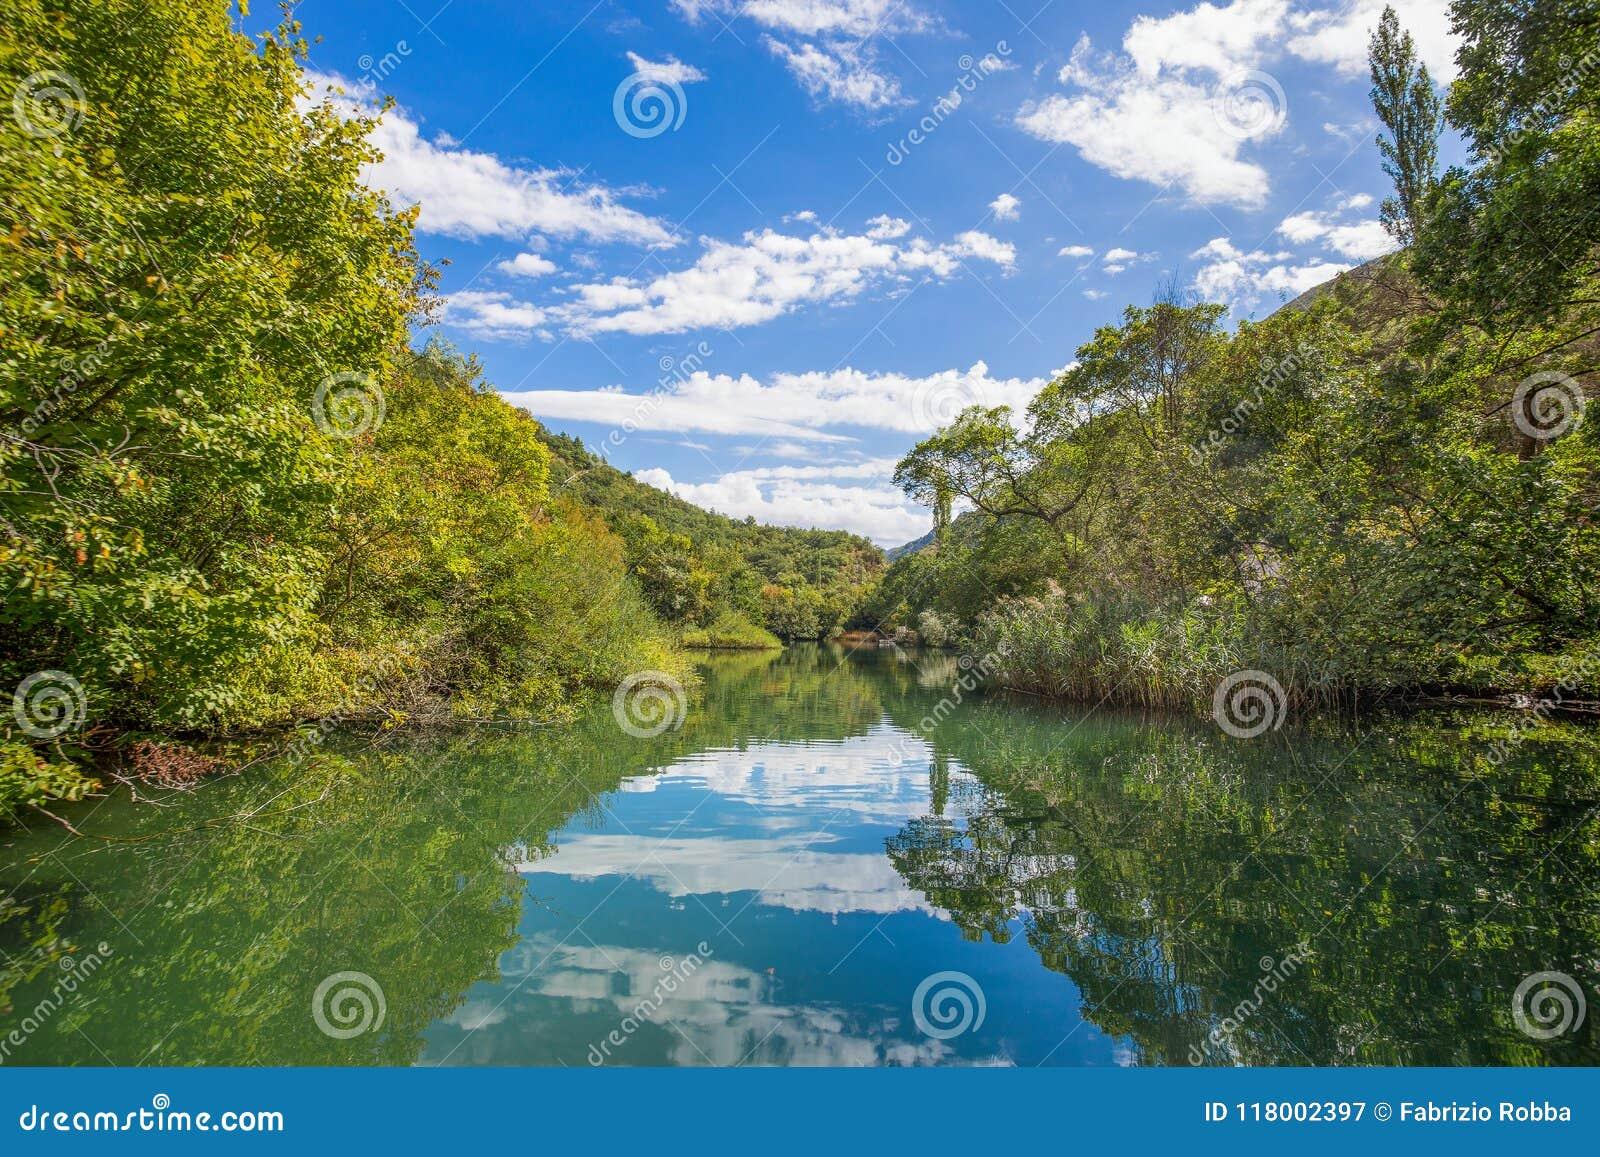 Vista del río de Cetina alrededor de la ciudad de Omis Almissa, barrancos/río/verde/montañas de Dalmacia, Croacia